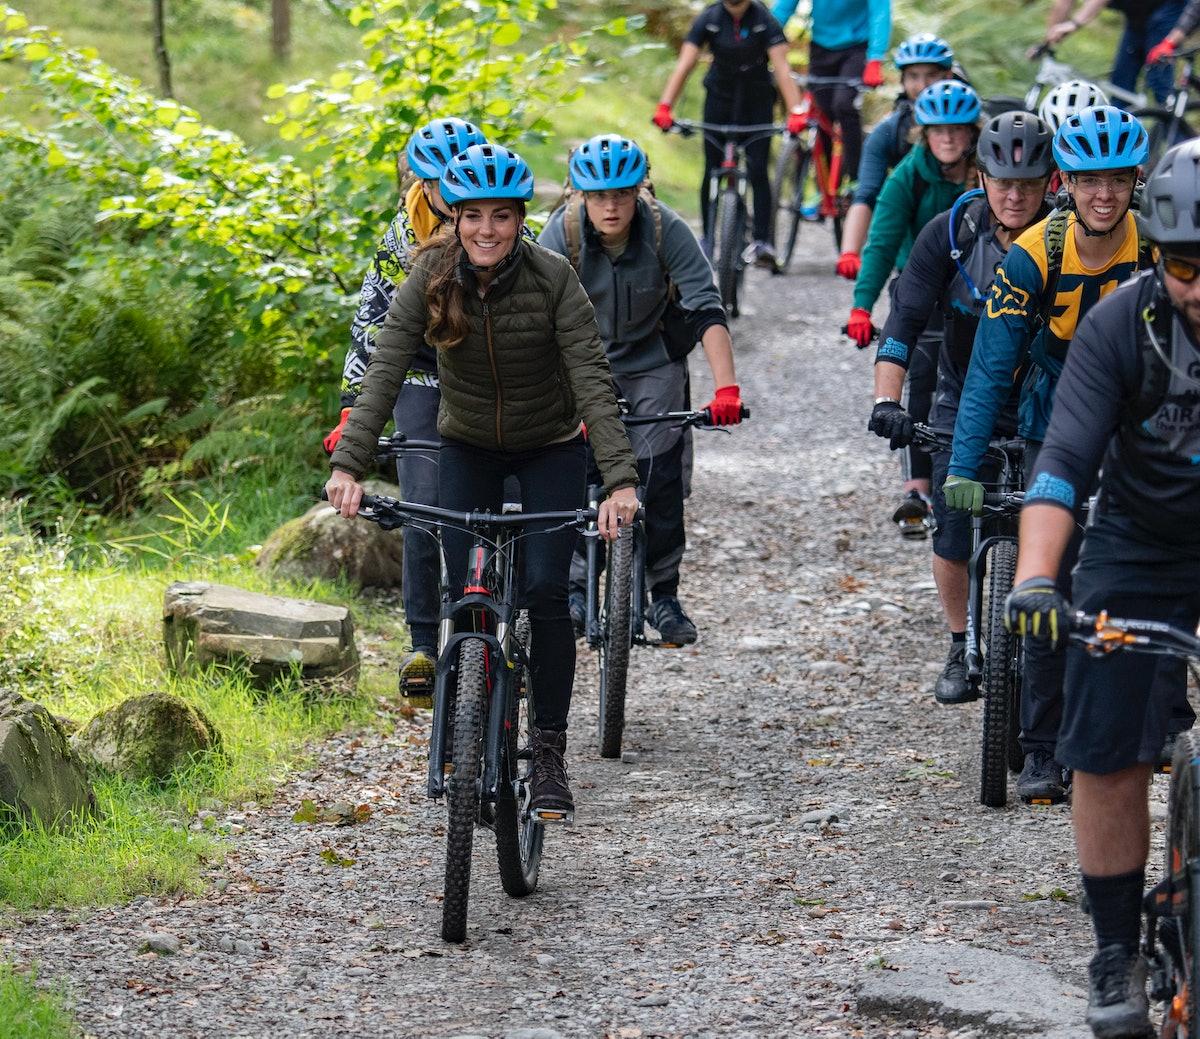 ویندرمر ، پادشاهی متحده - 21 سپتامبر: کاترین ، دوشس کمبریج با دوچرخه کوهستان دوچرخه سواری می کند ...